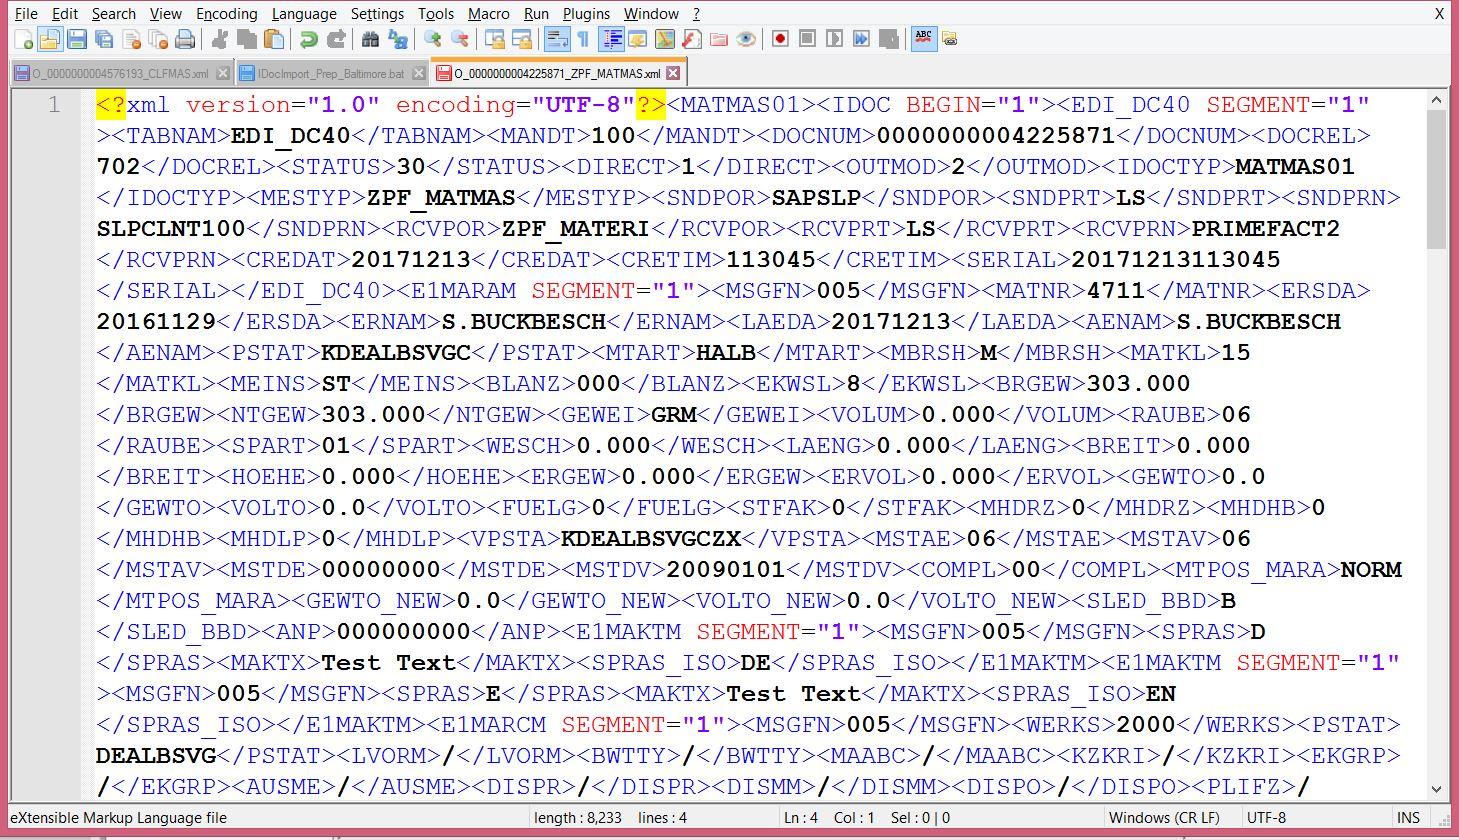 SAP iDoc MATMAS01 EDI_DC40 PrimeFact